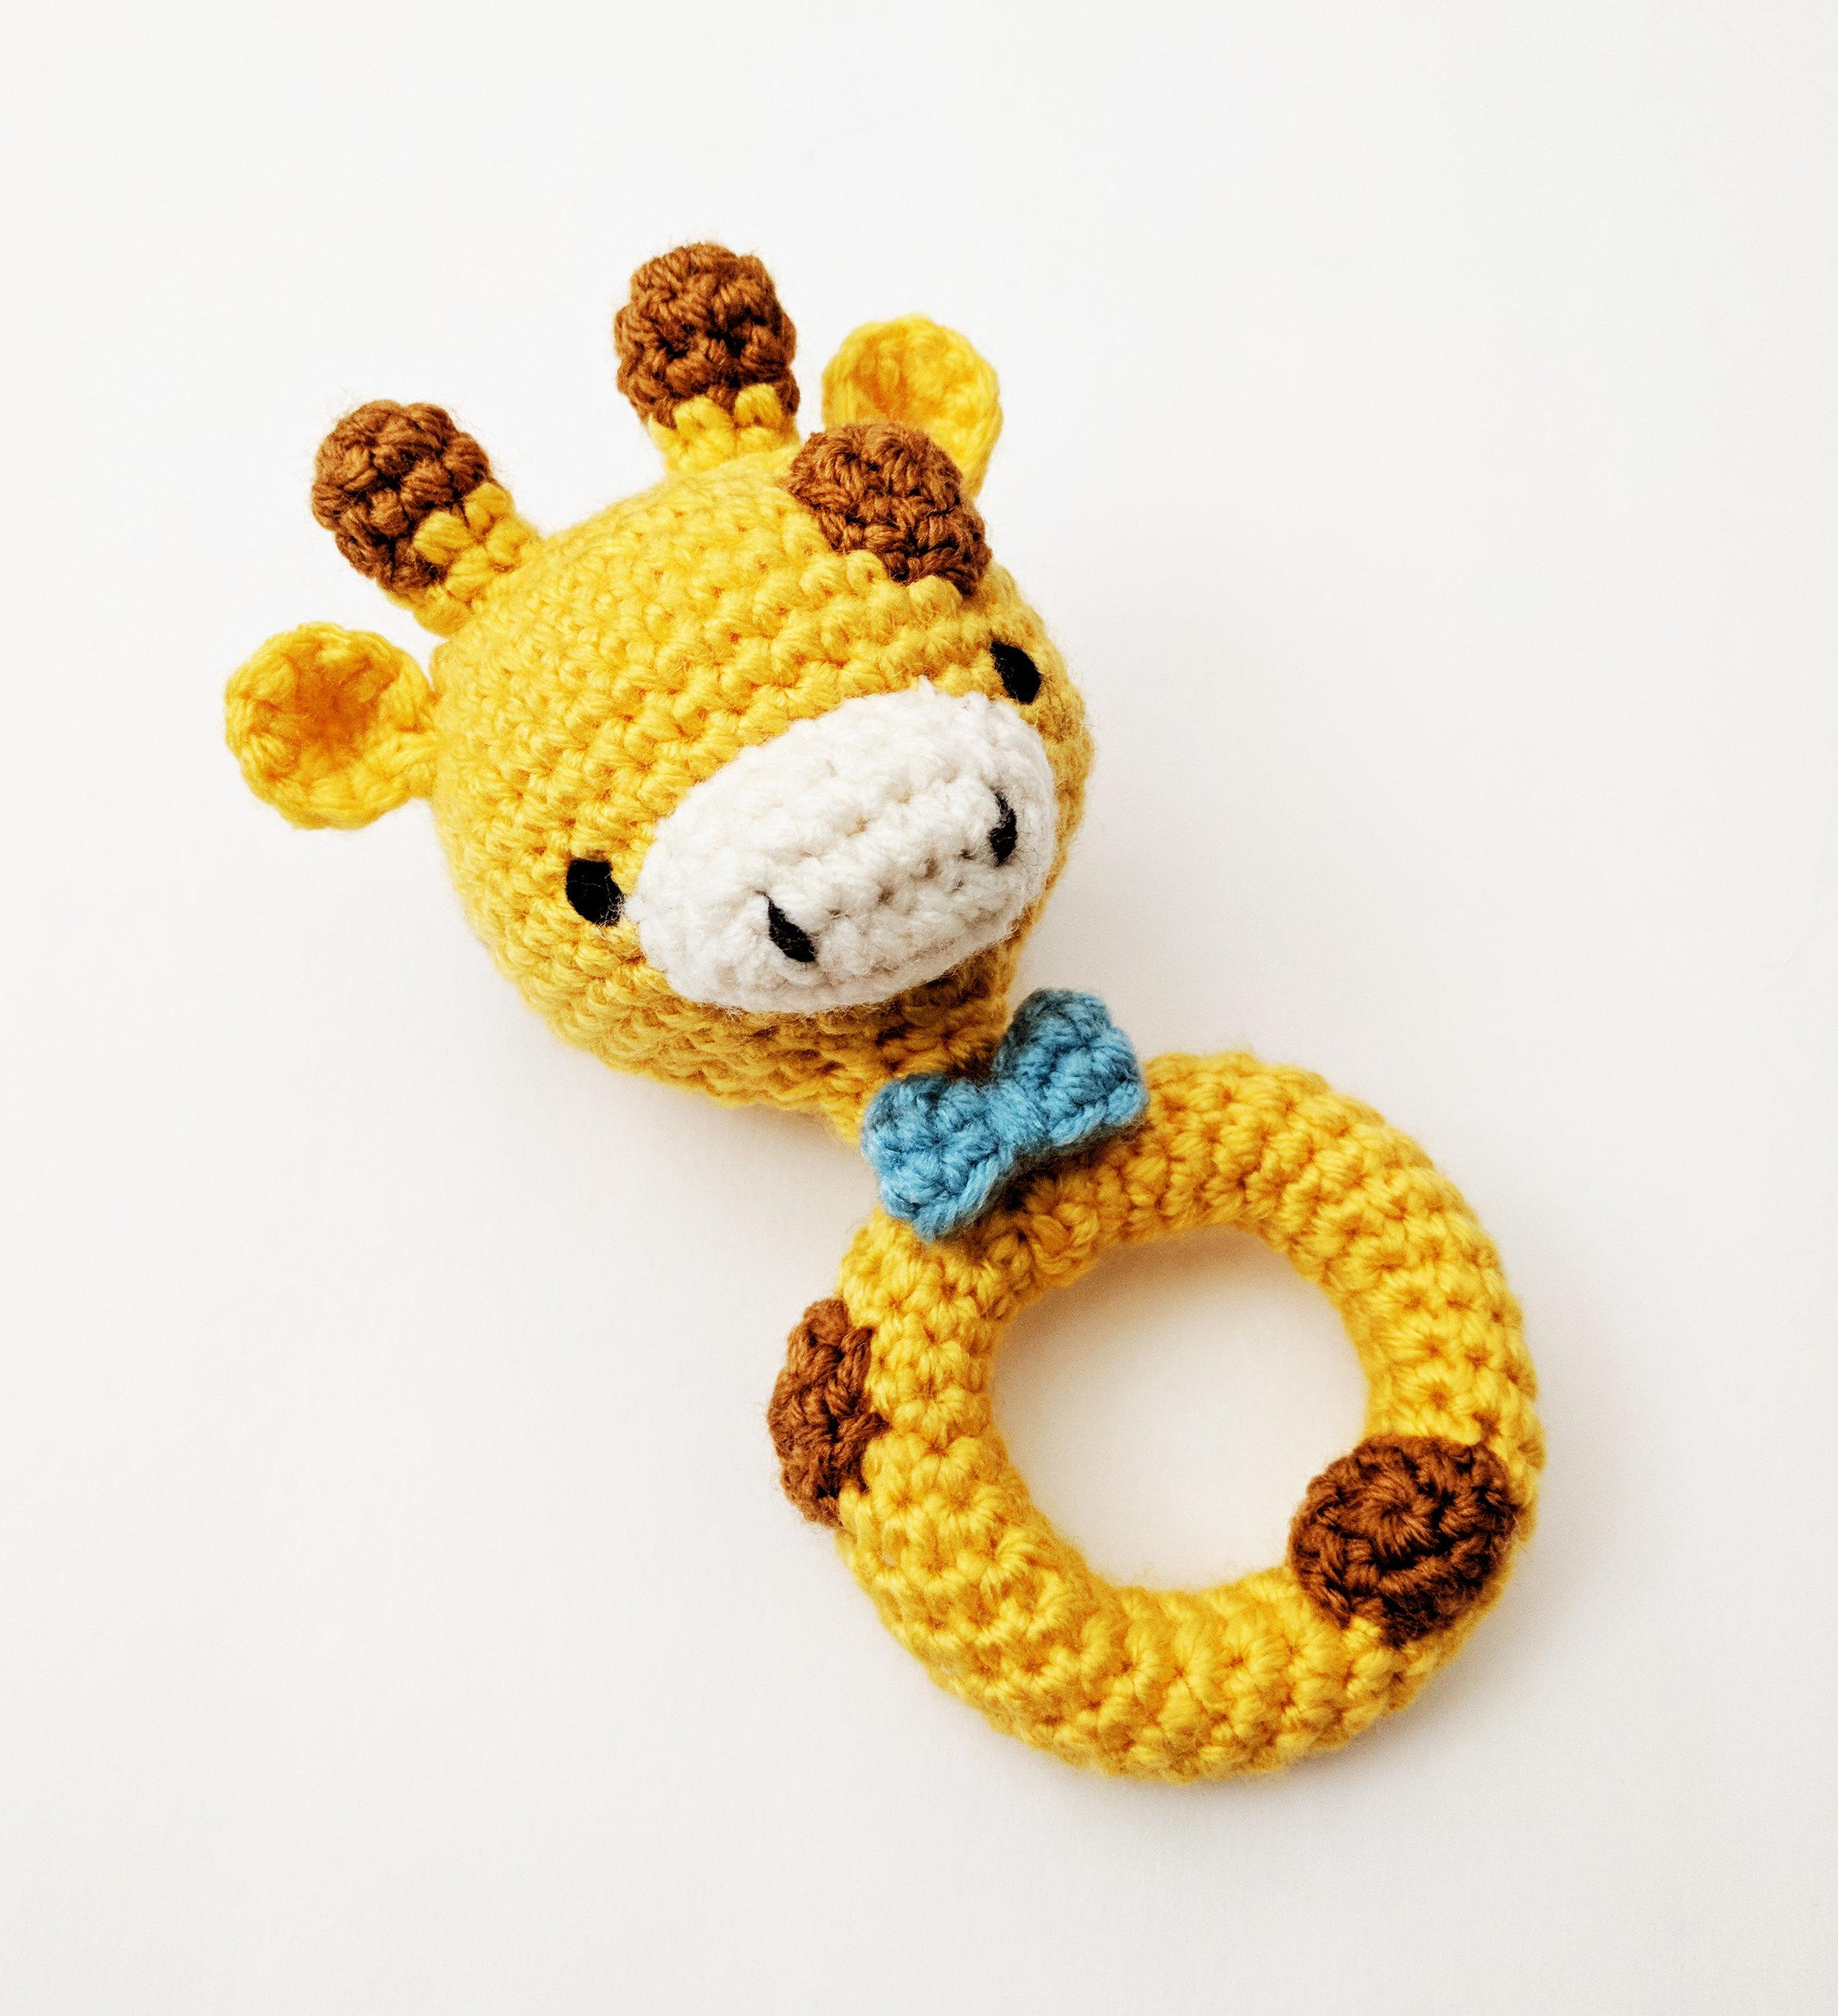 Monkey baby rattle crochet pattern | Crochet monkey, Crochet ... | 1097x1000